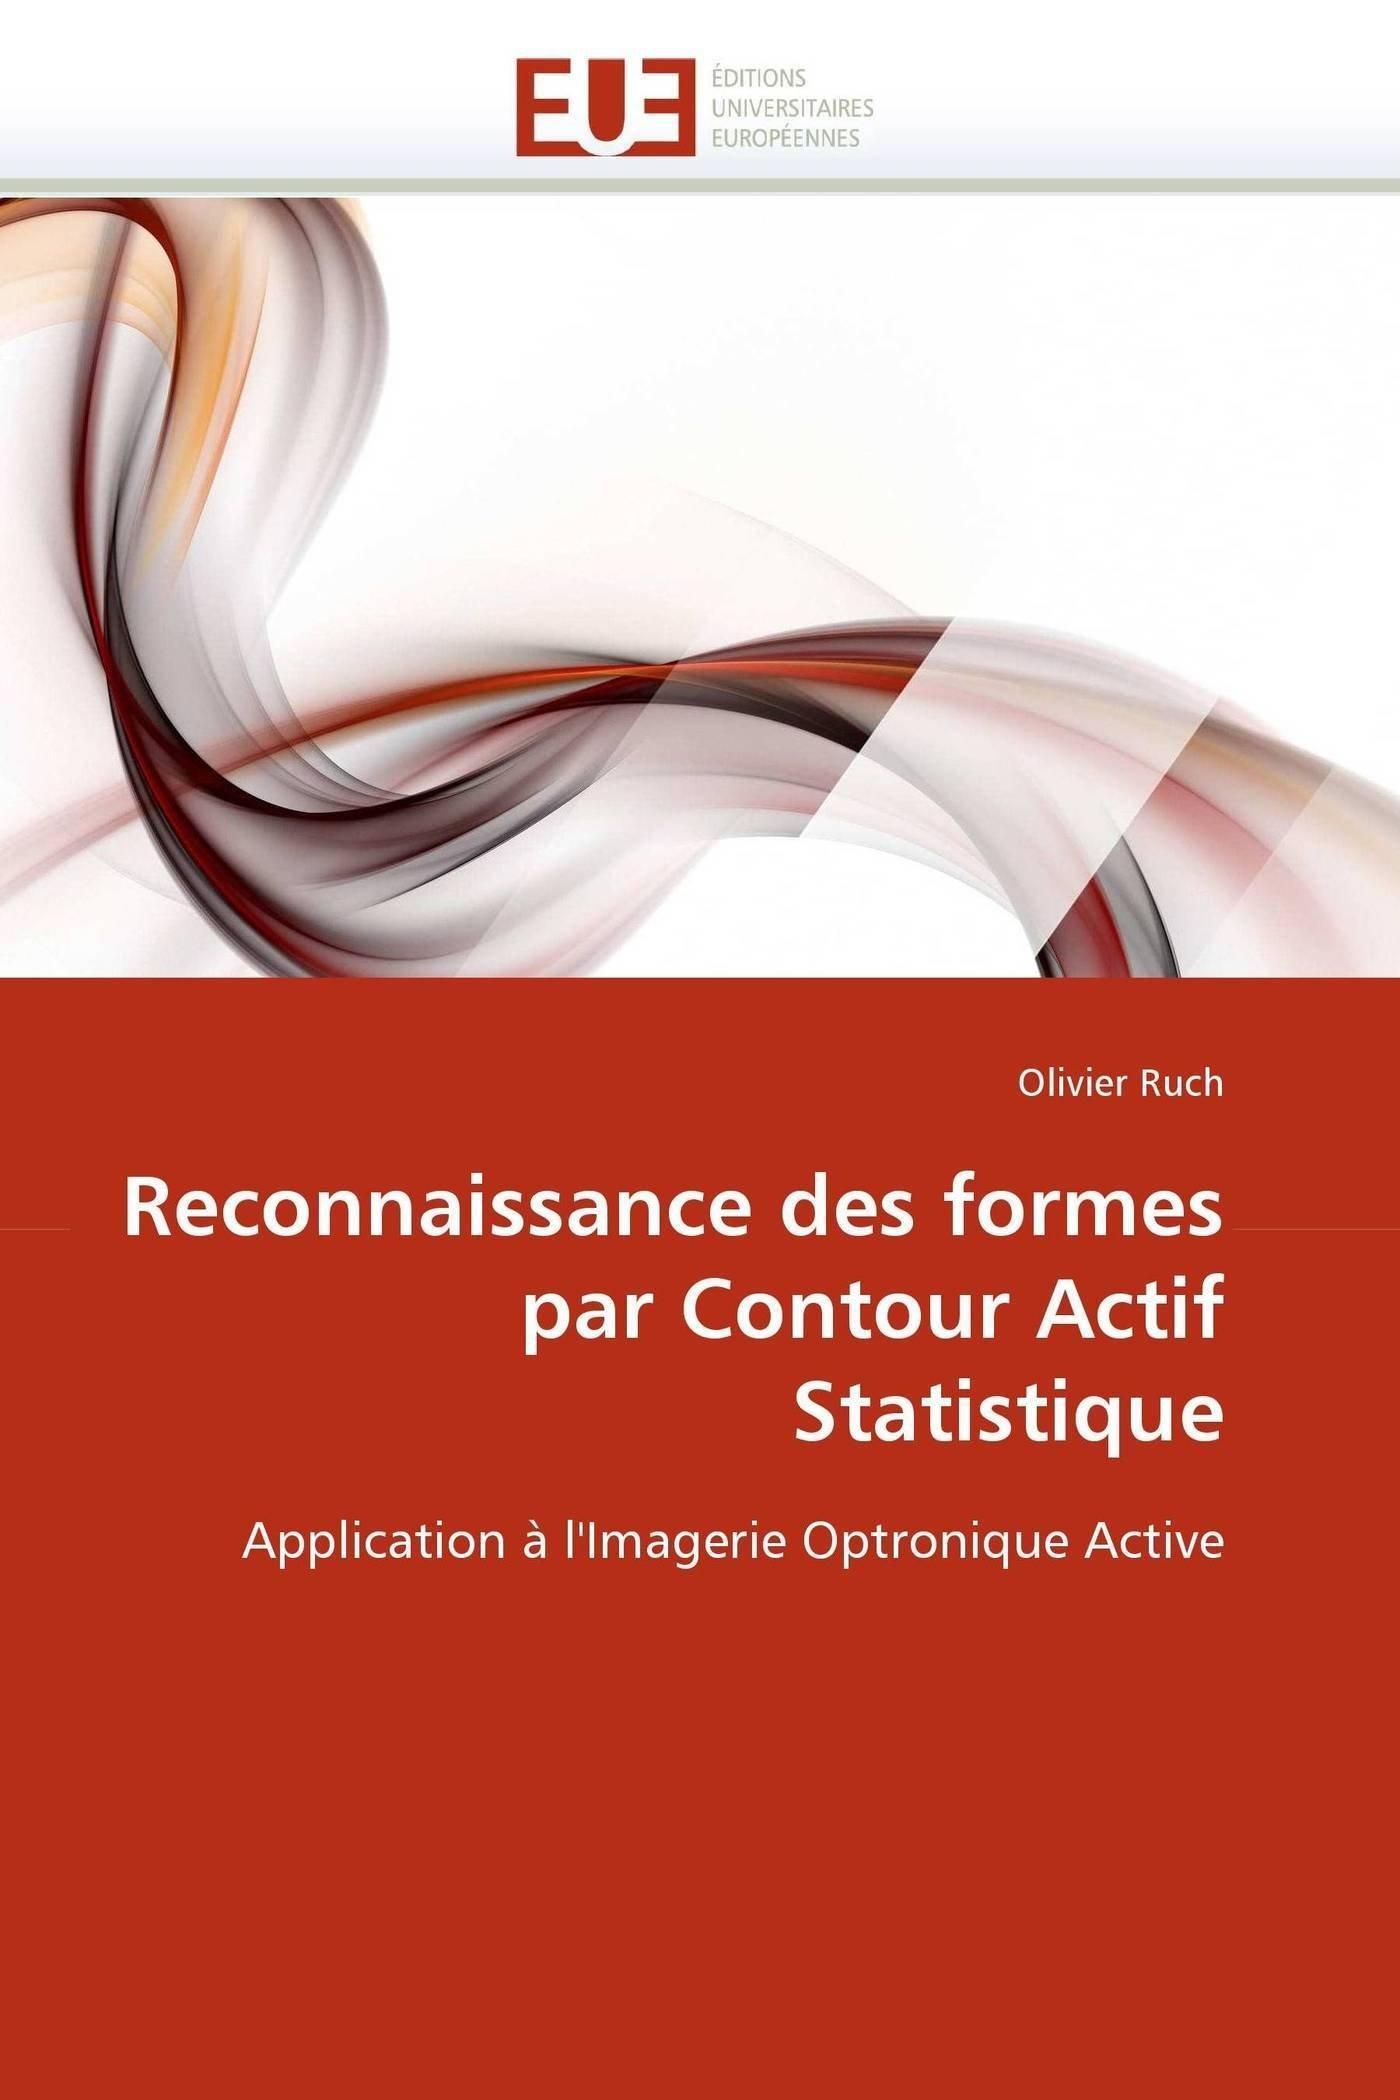 Download Reconnaissance des formes par Contour Actif Statistique: Application à l'Imagerie Optronique Active (Omn.Univ.Europ.) (French Edition) ebook